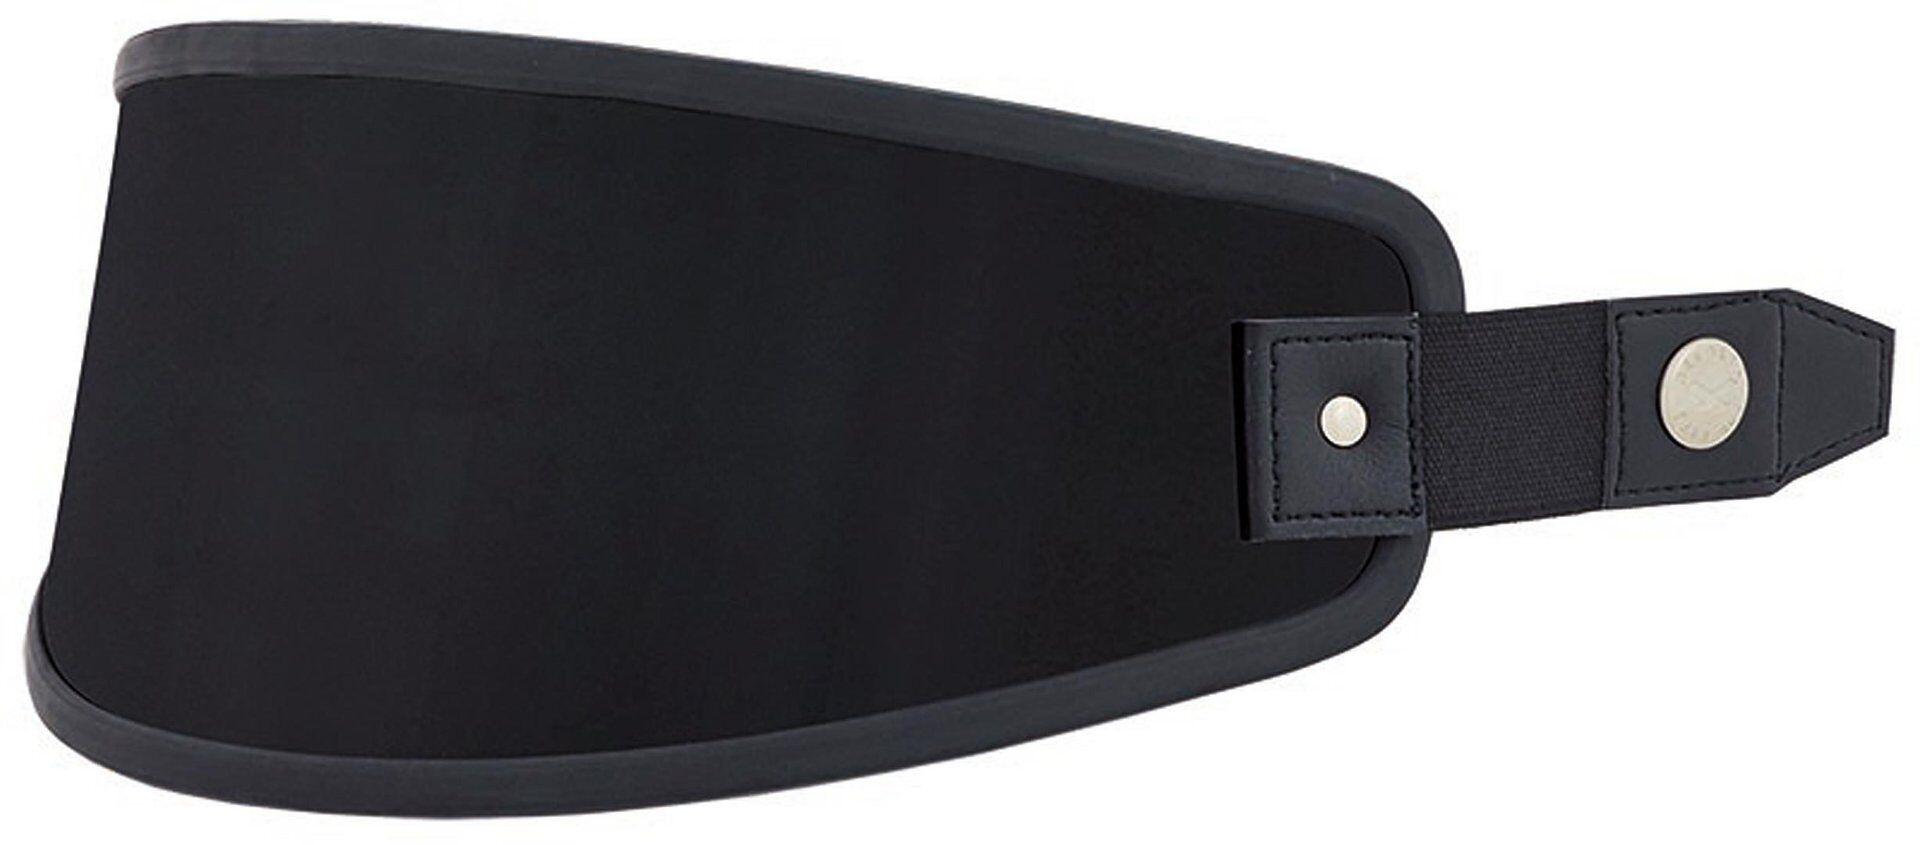 NEXX X.G100 Visor With Snap Buttons Visera con botones de ajuste